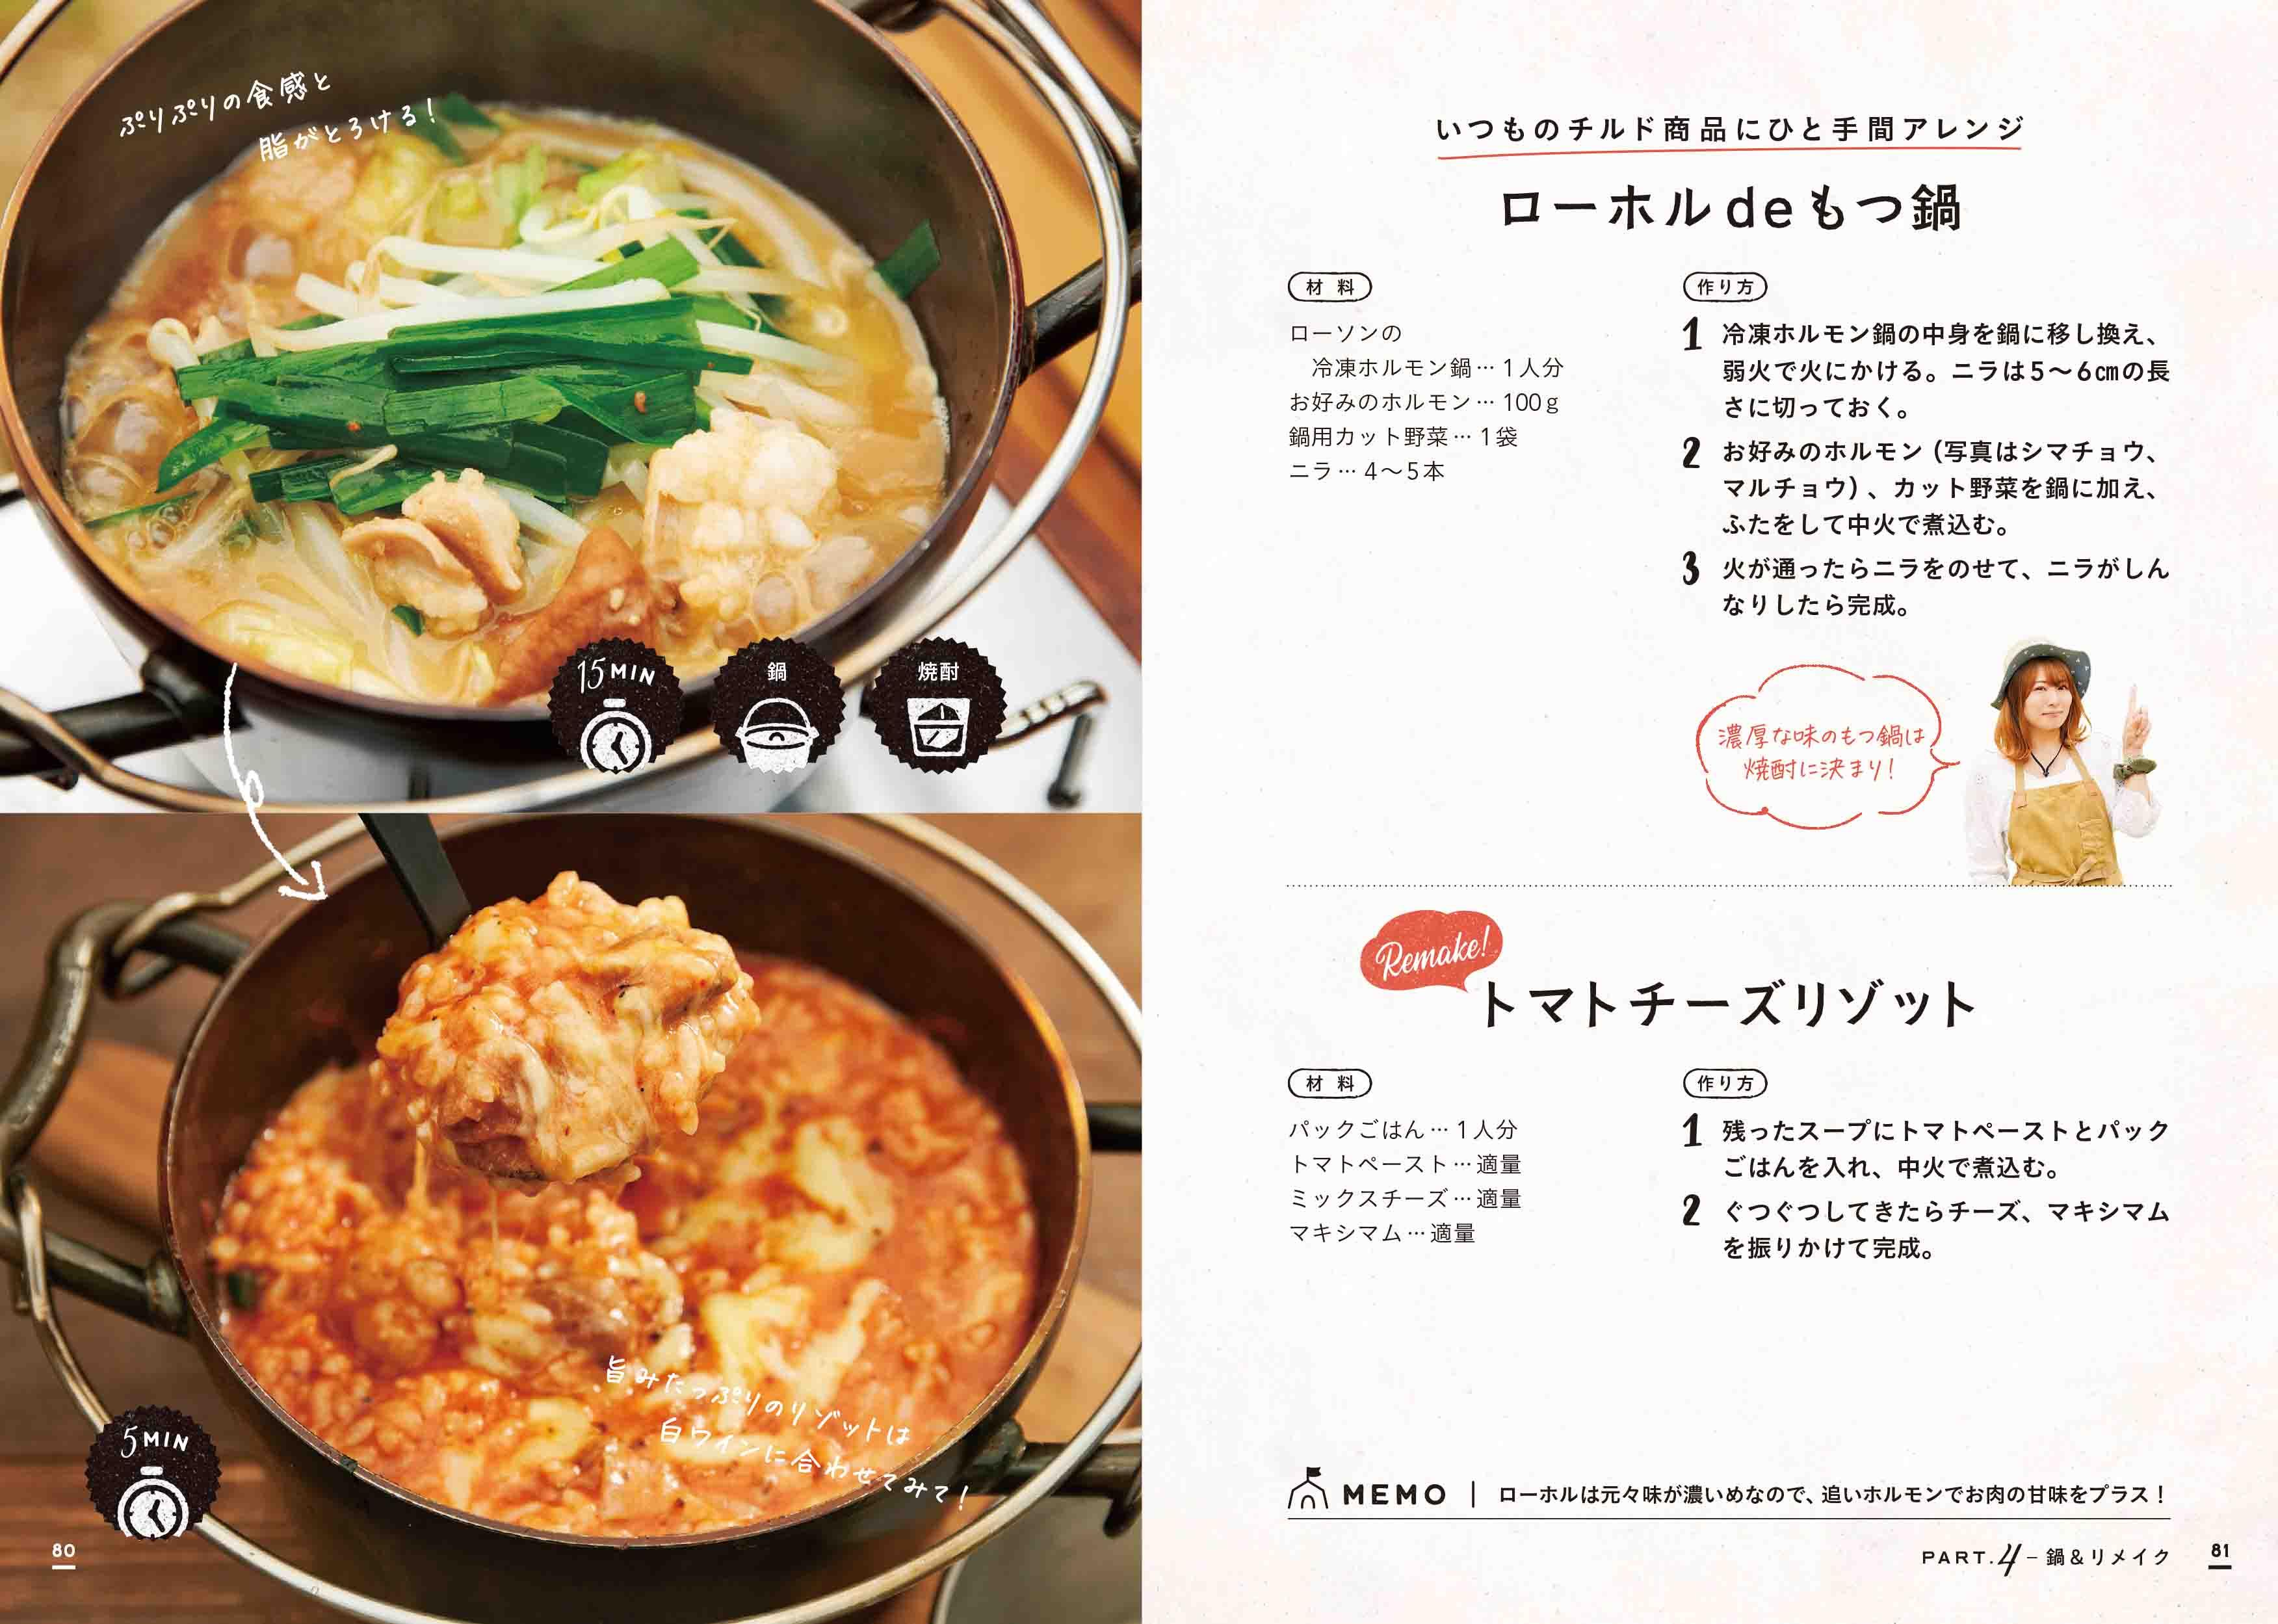 「体もぽかぽか鍋&リメイクレシピ」紙面